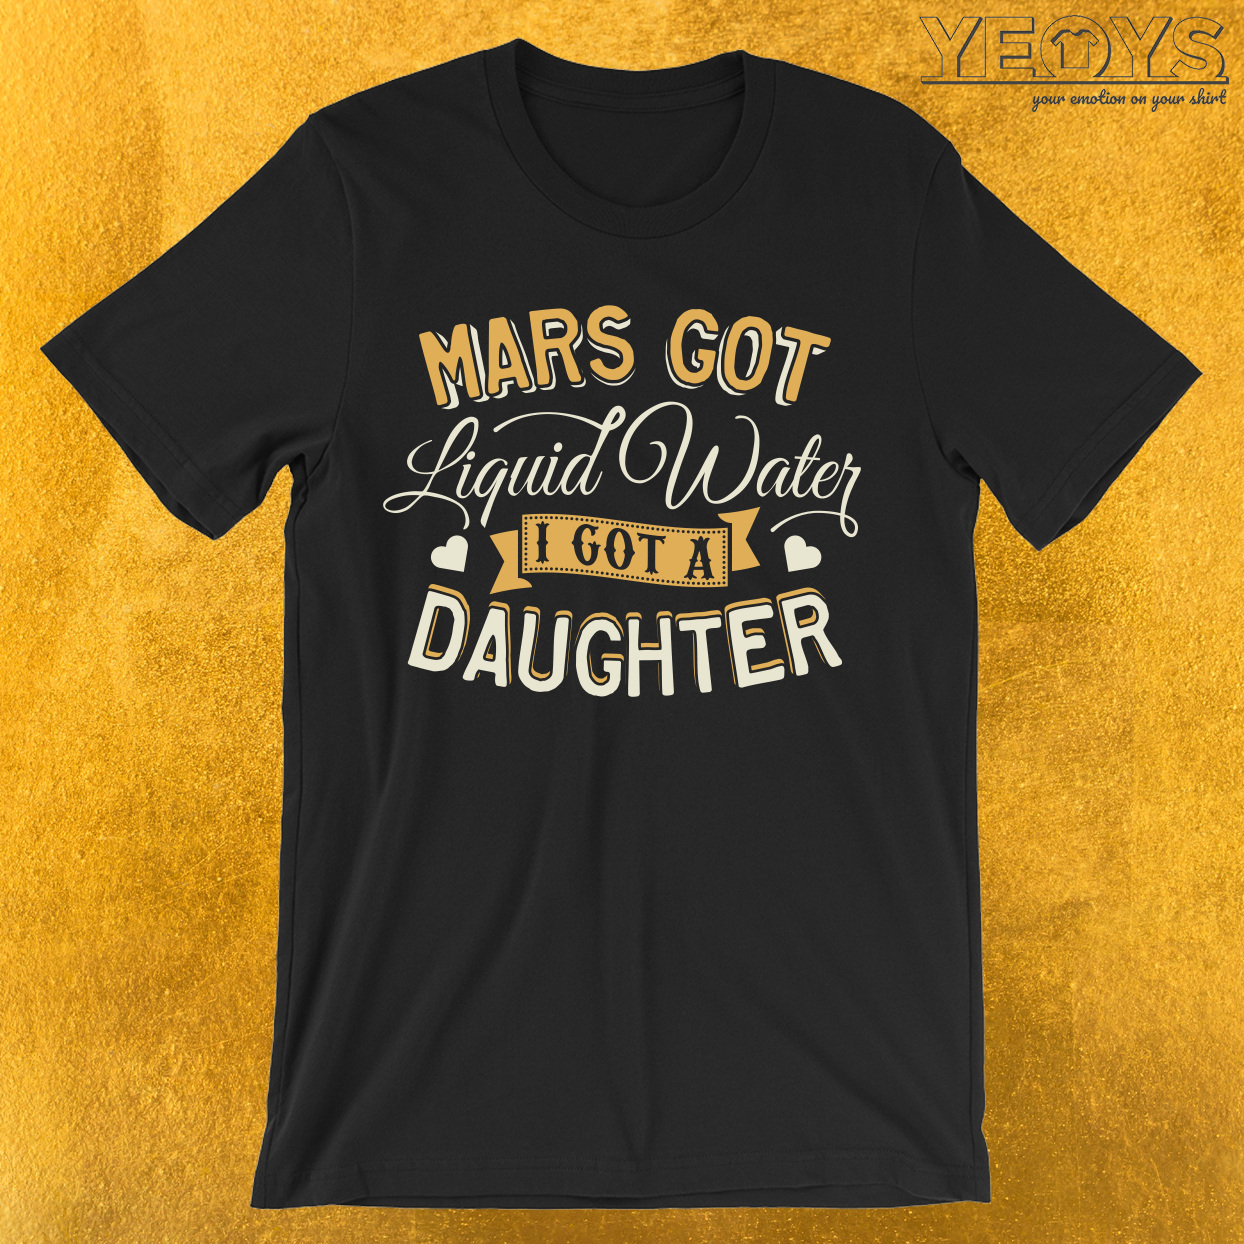 Mars Got Liquid Water I Got A Daughter T-Shirt